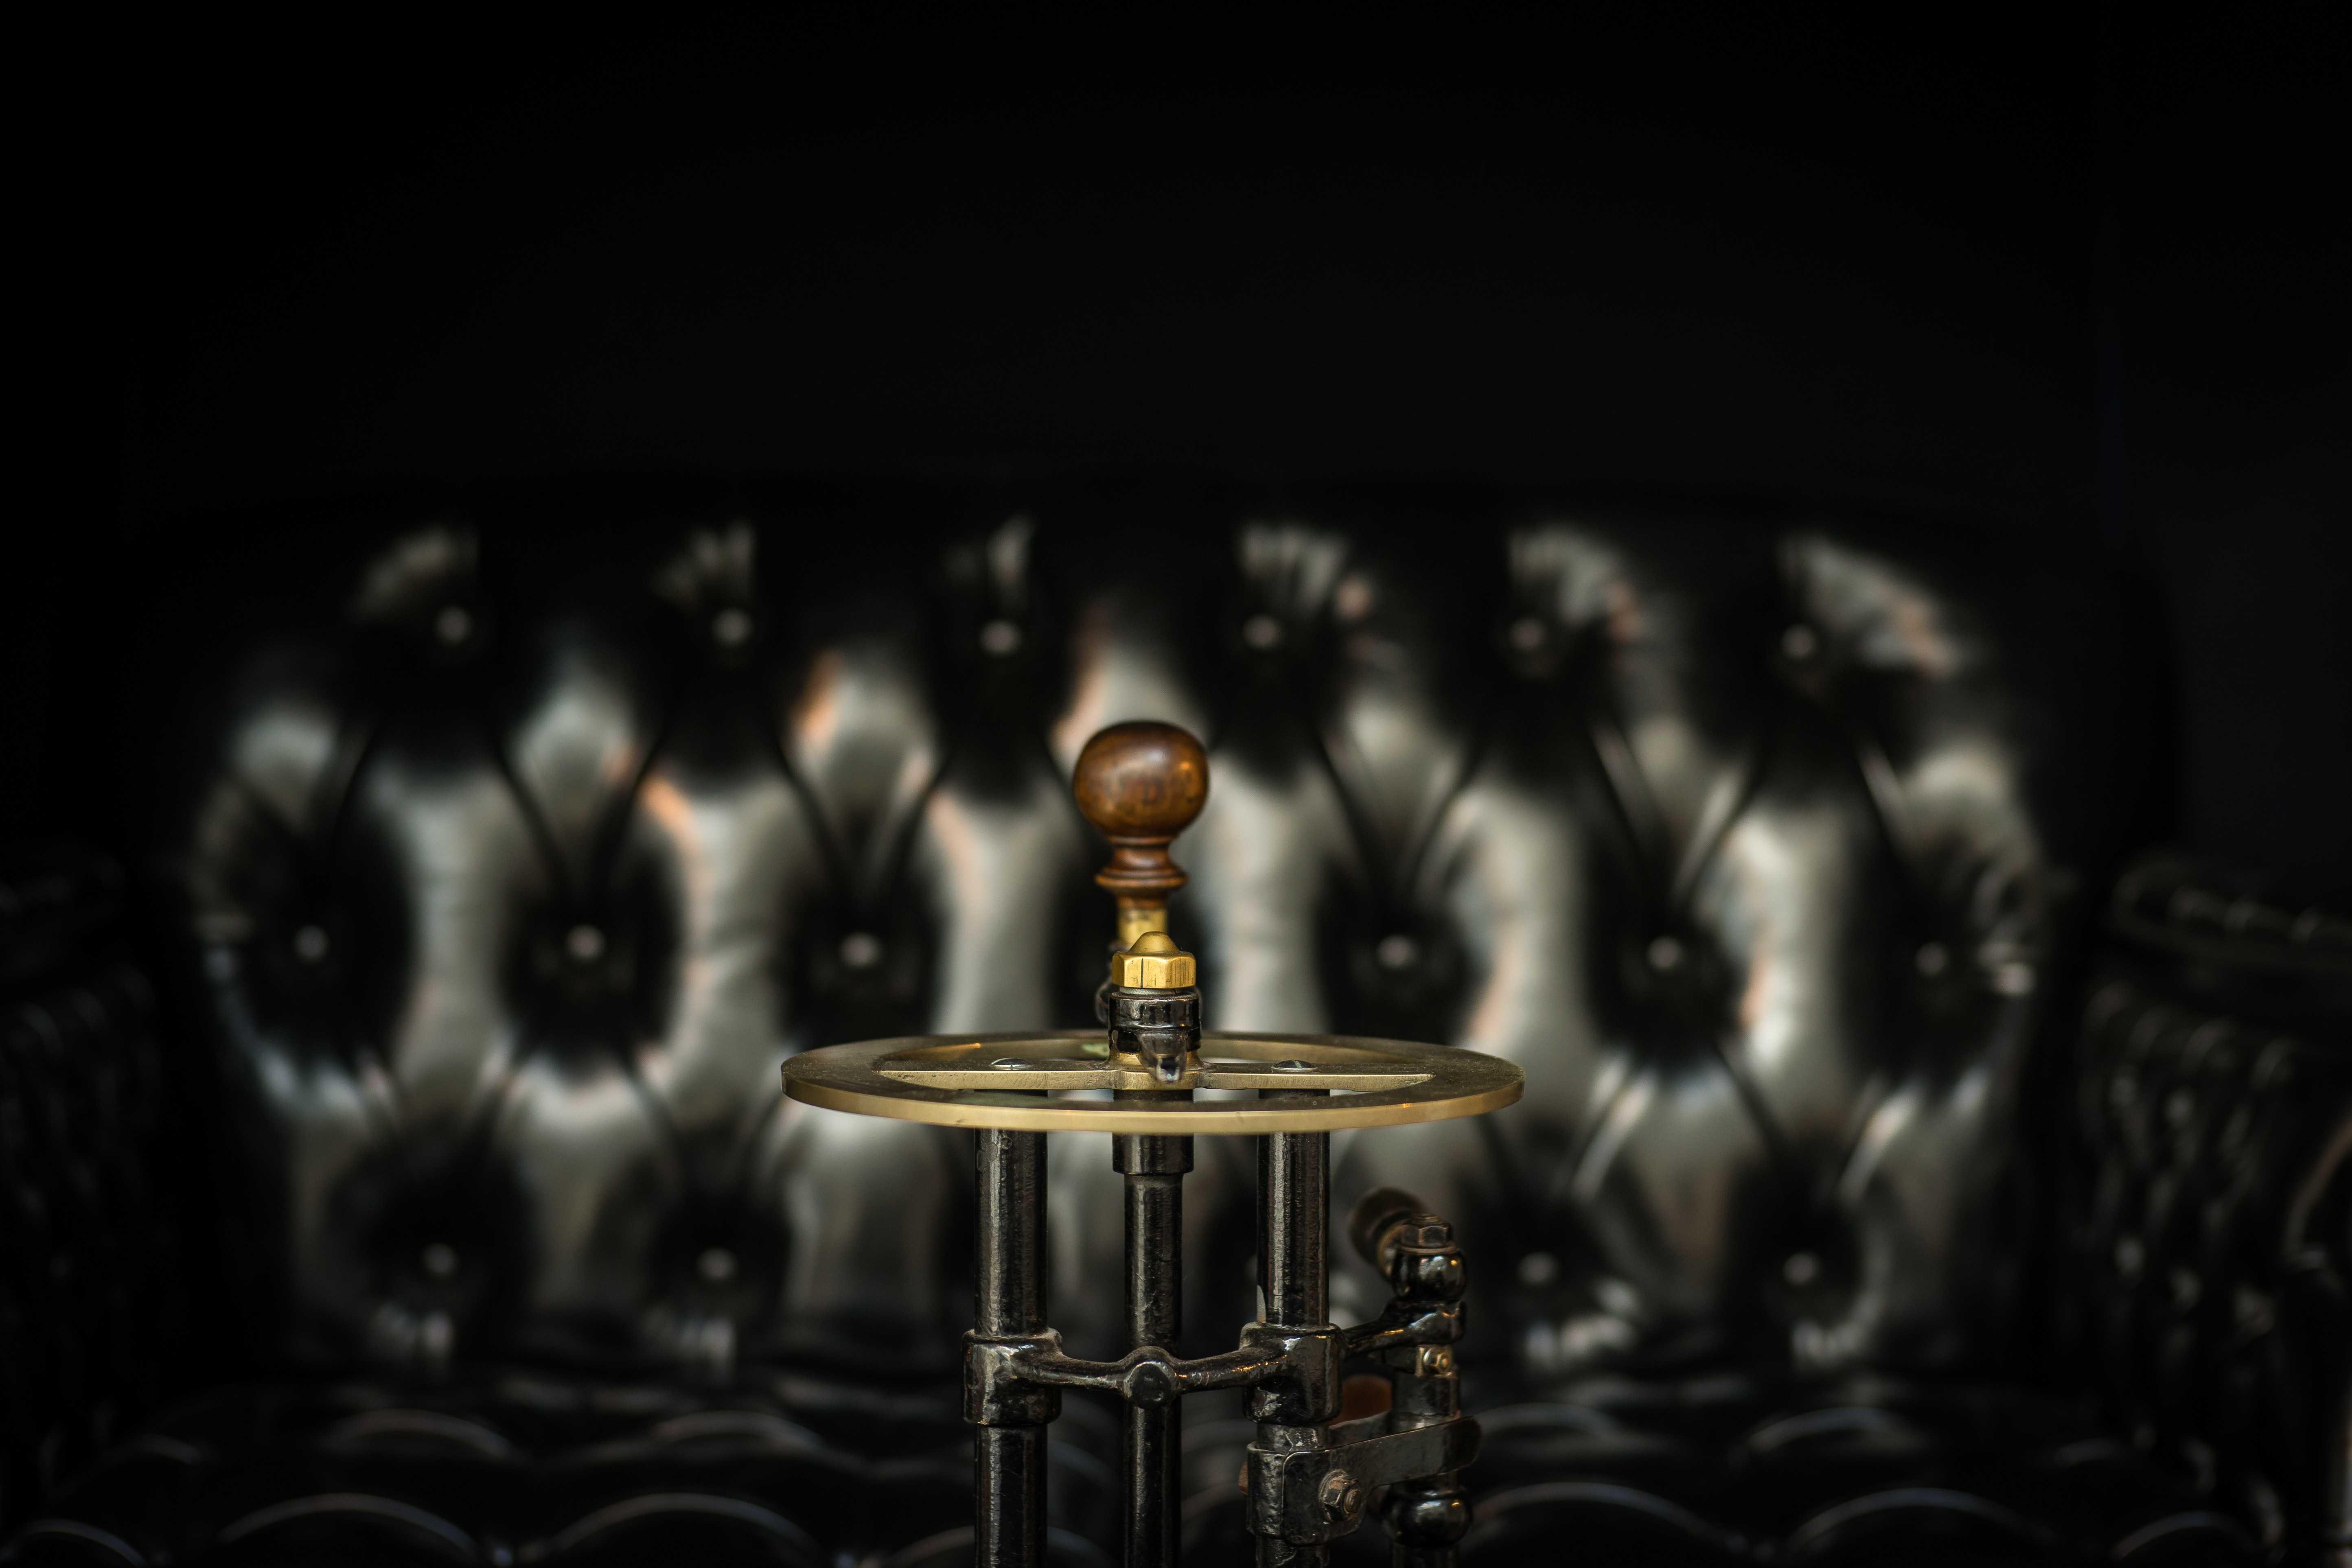 Пятак в черная магия как быстро действует сексуалный приворот на воде и соли